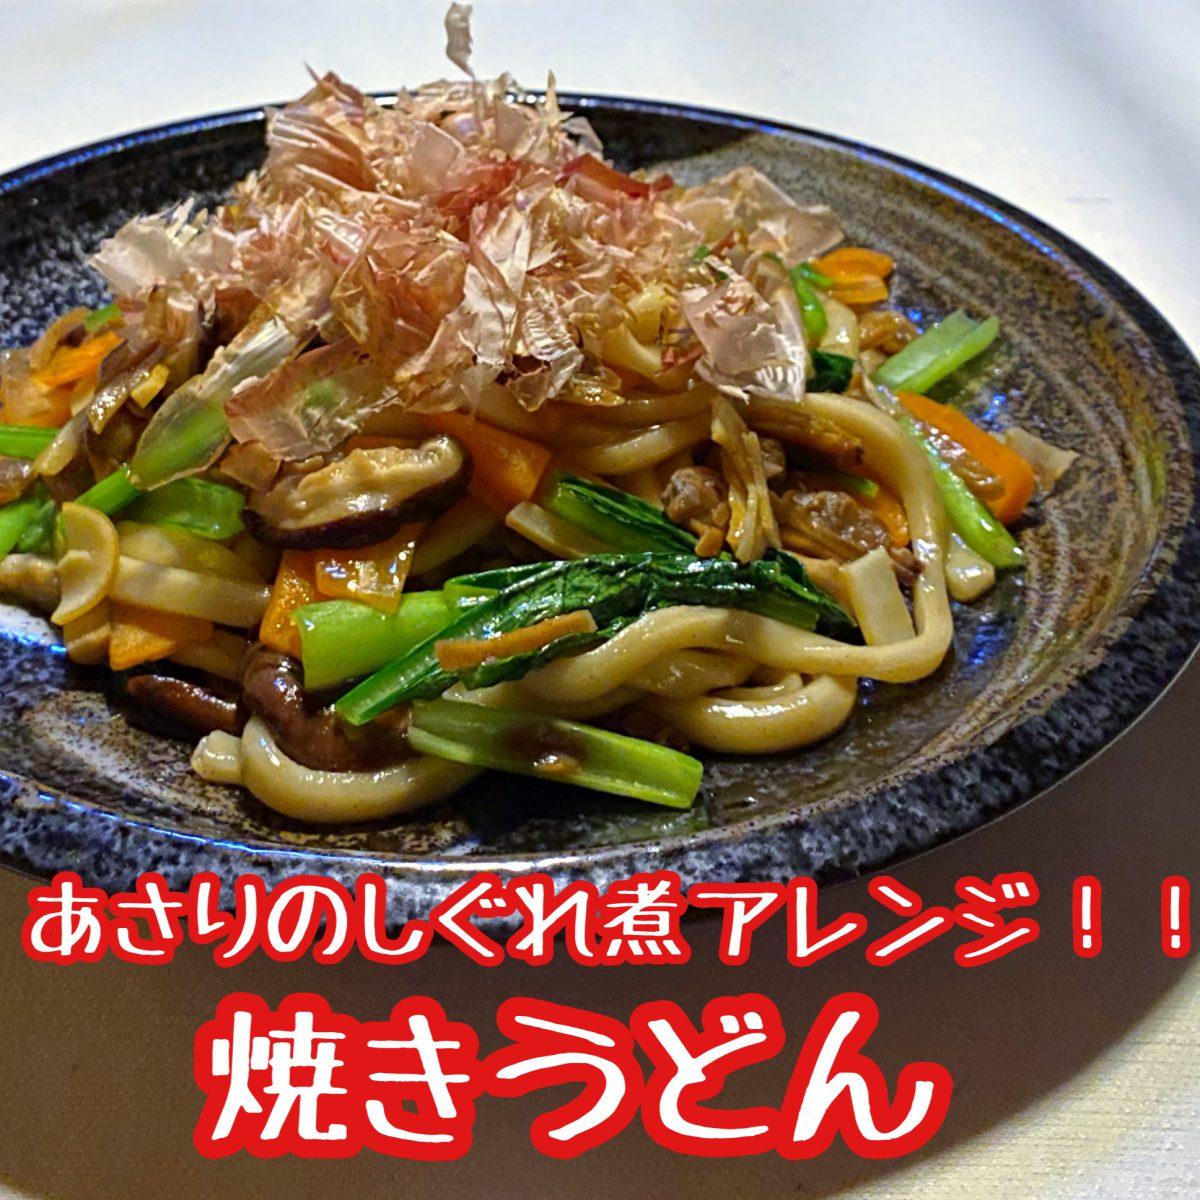 【あさりのしぐれ煮アレンジ】焼うどん